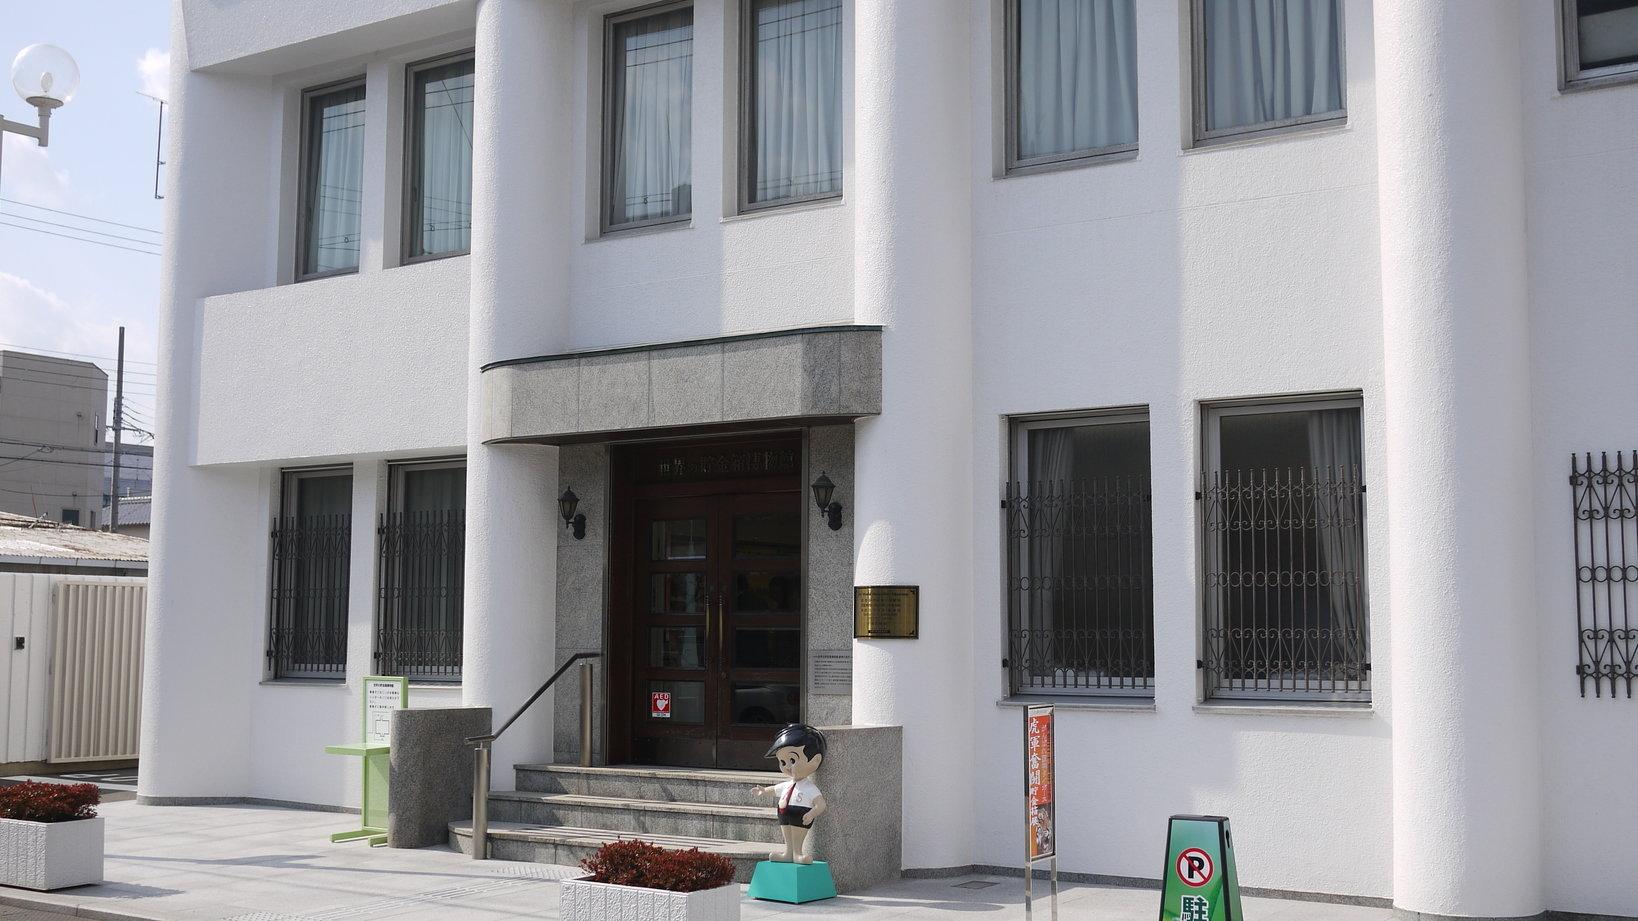 世界の貯金箱博物館の外観。昭和5年建築の建物で平成2年に改修して、現在も使用しています